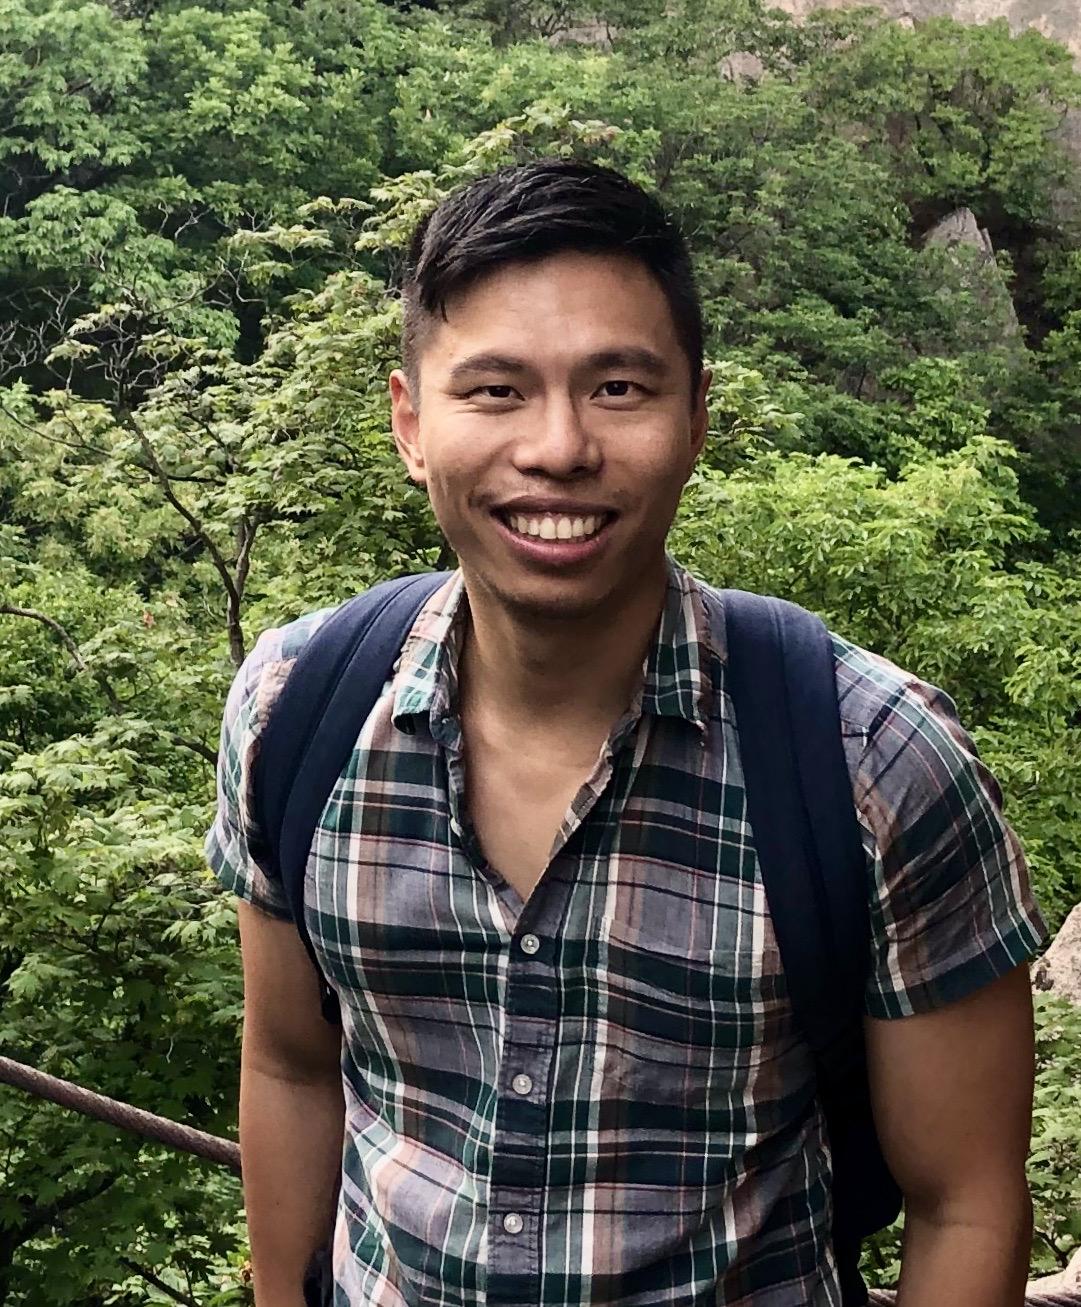 Victor Wei Ke Yang